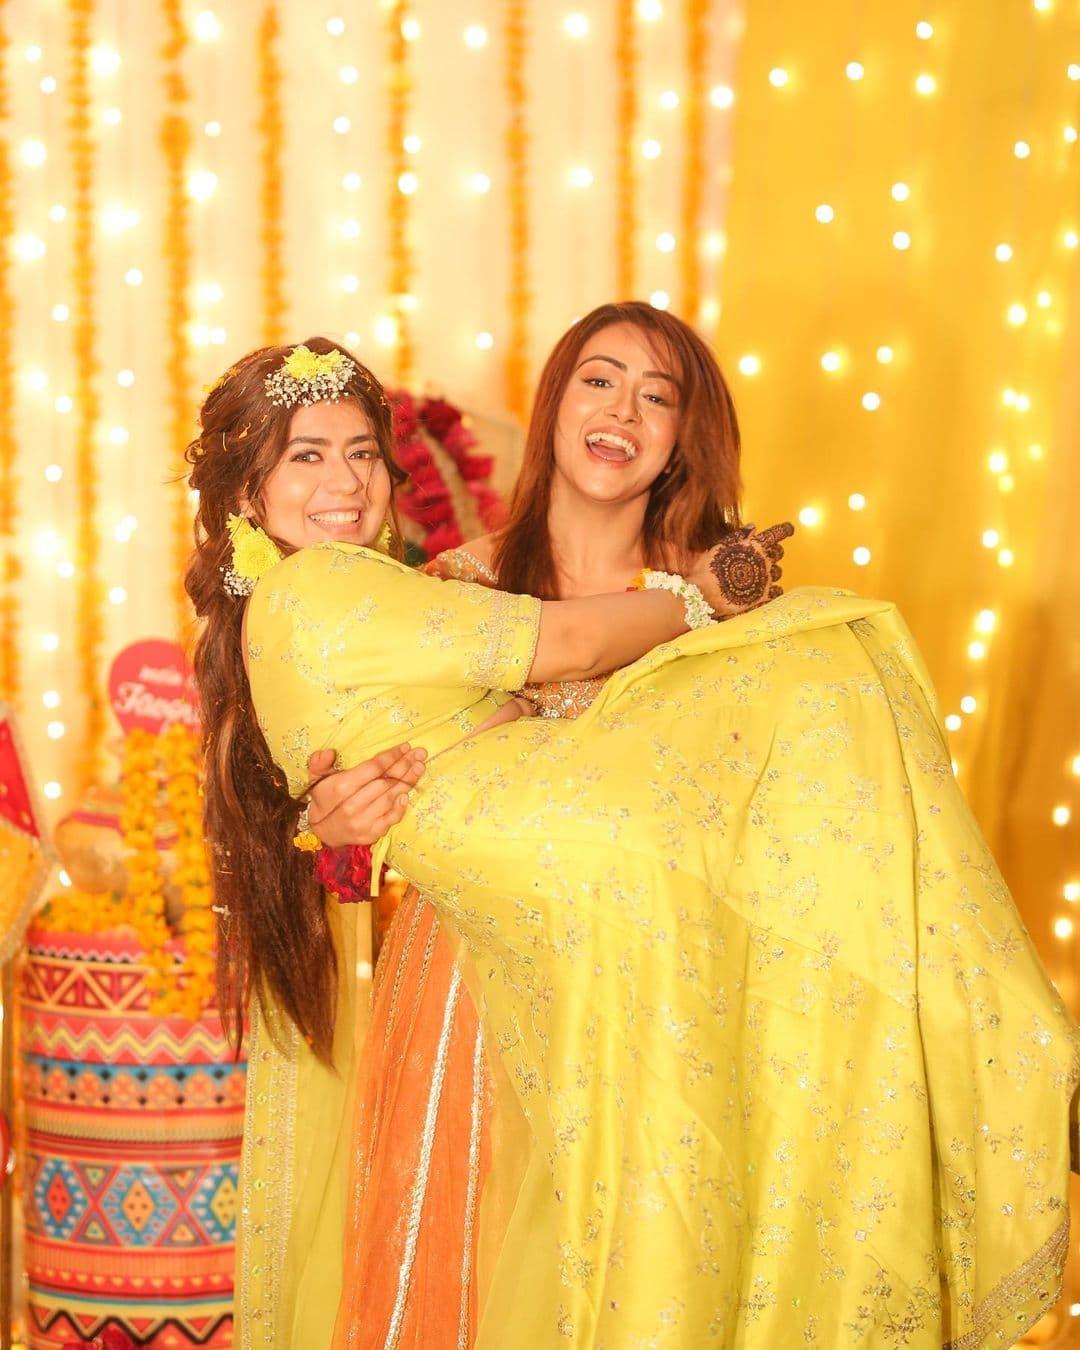 Tik Toker Star Sarah Chaudhary Mayoun - Beautiful Pictures